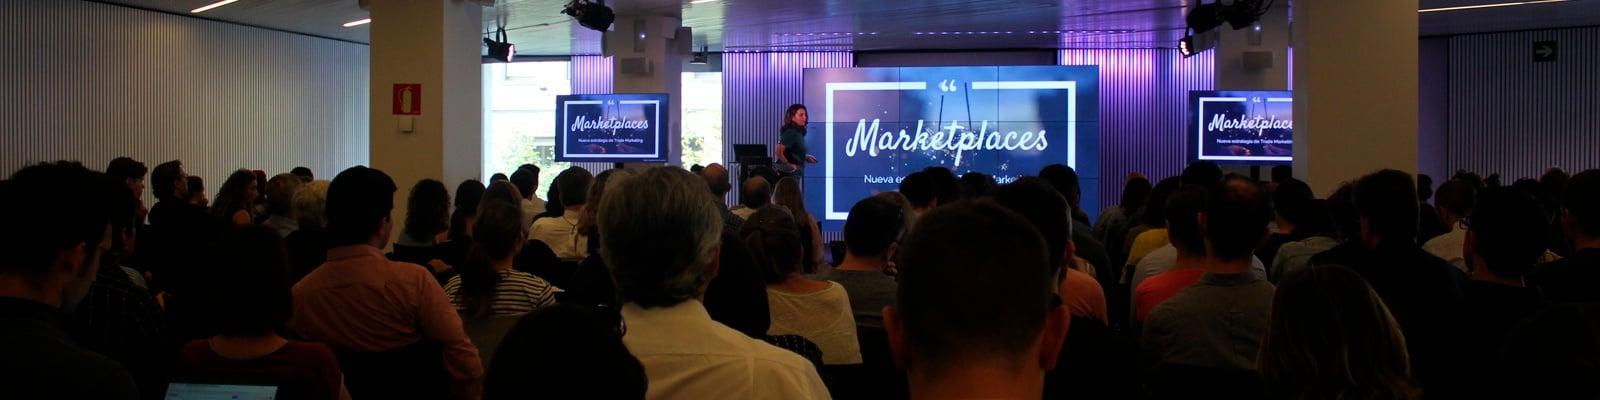 Marketplaces : La conquista de los grandes escaparates digitales